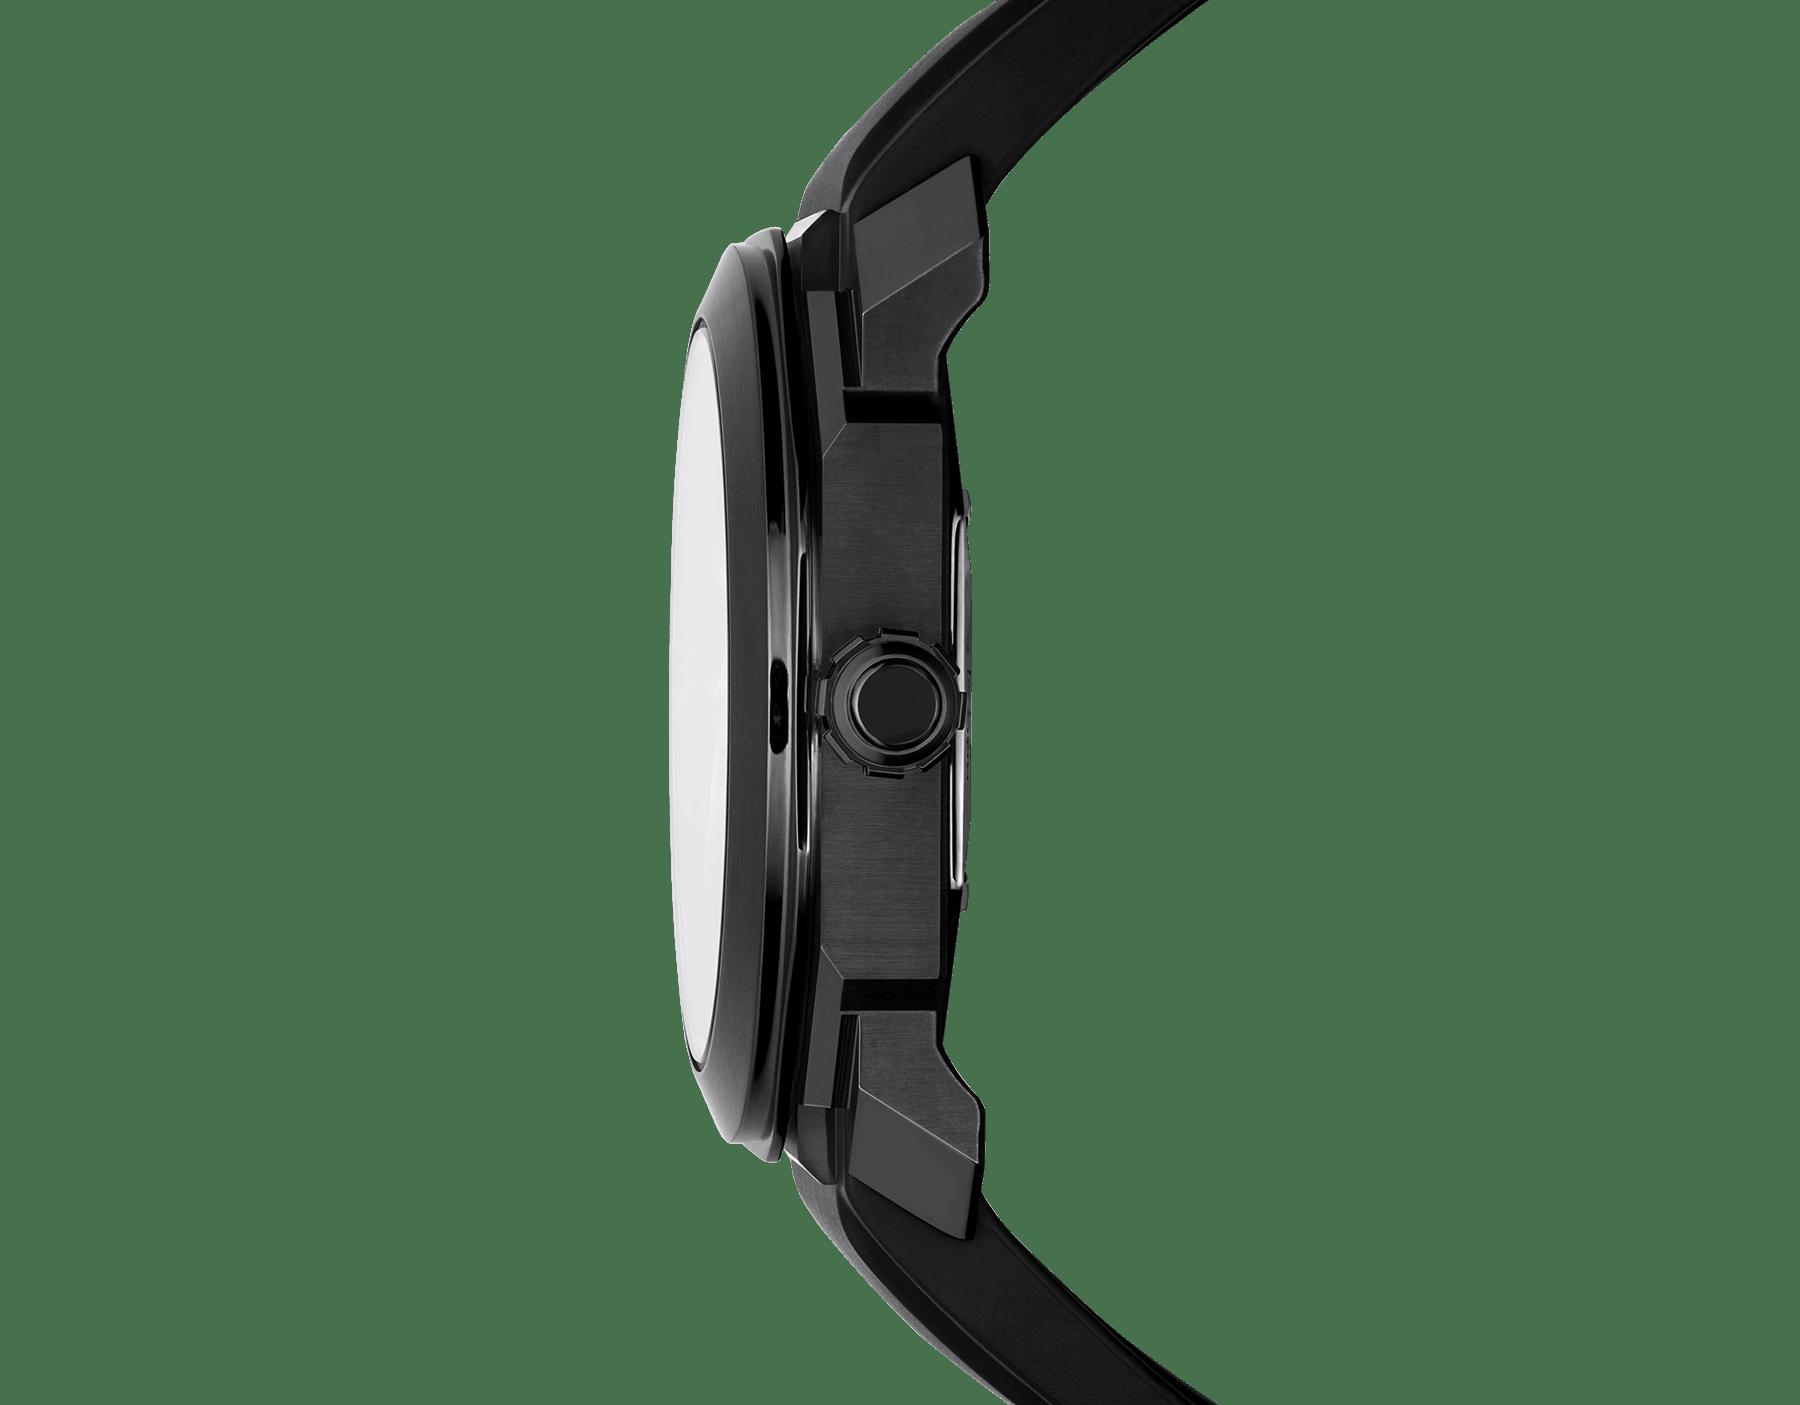 Relógio Octo com movimento de manufatura mecânico, corda automática e data, caixa em aço inoxidável com tratamento em carbono tipo diamante (DLC) preto, mostrador preto laqueado e pulseira em borracha preta. 102738 image 3